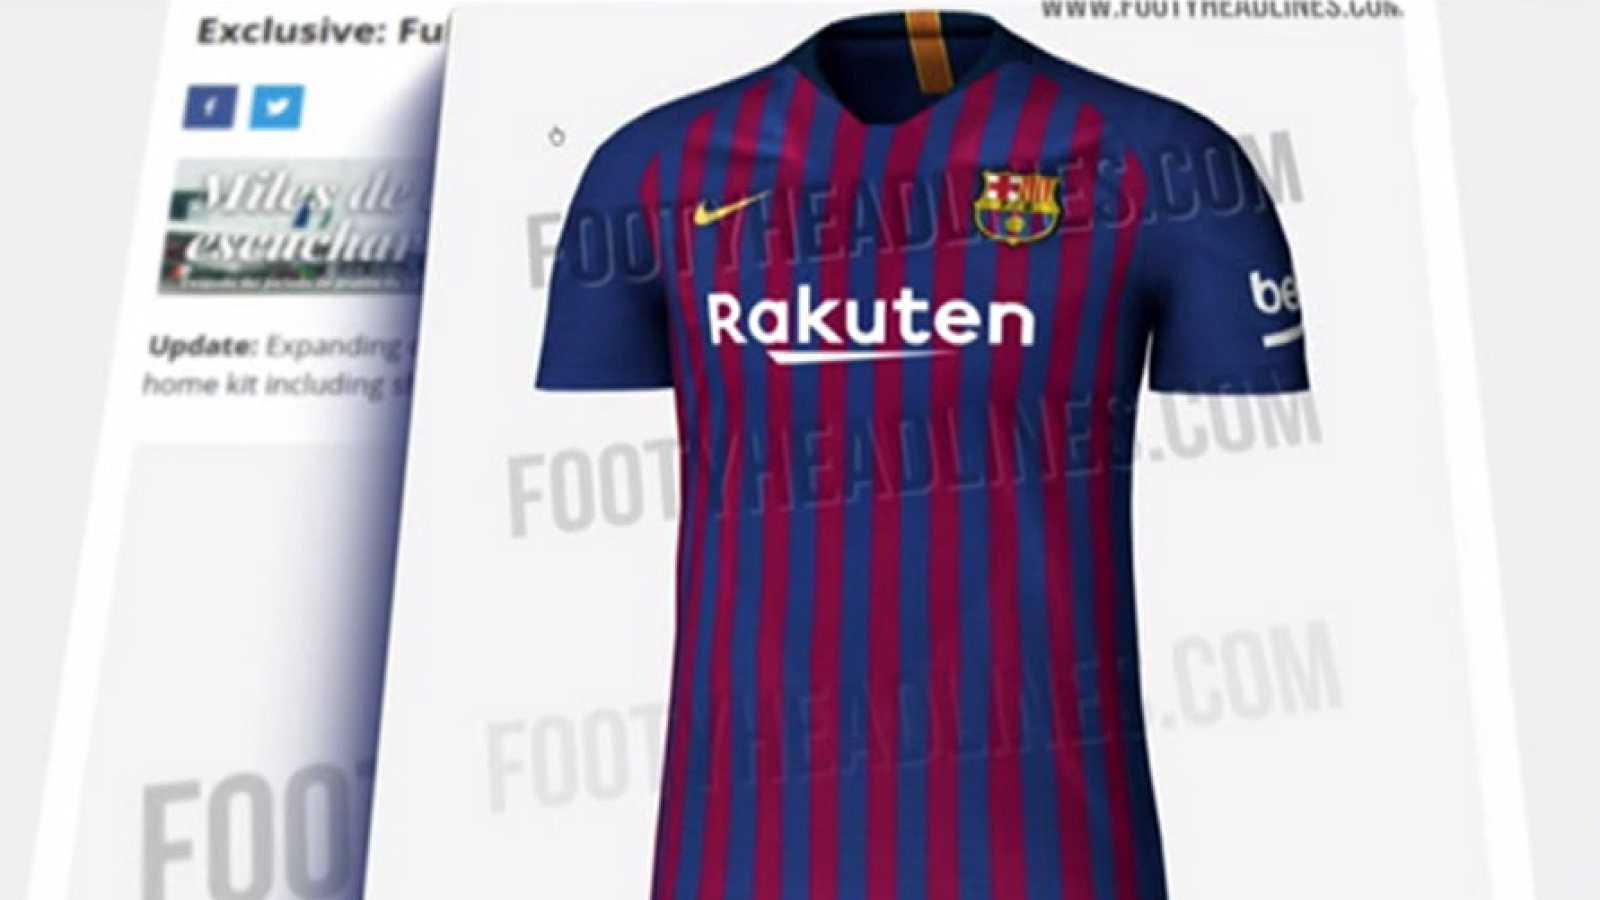 Filtran la camiseta del Barça para la próxima temporada - RTVE.es 7545d1e0b5a